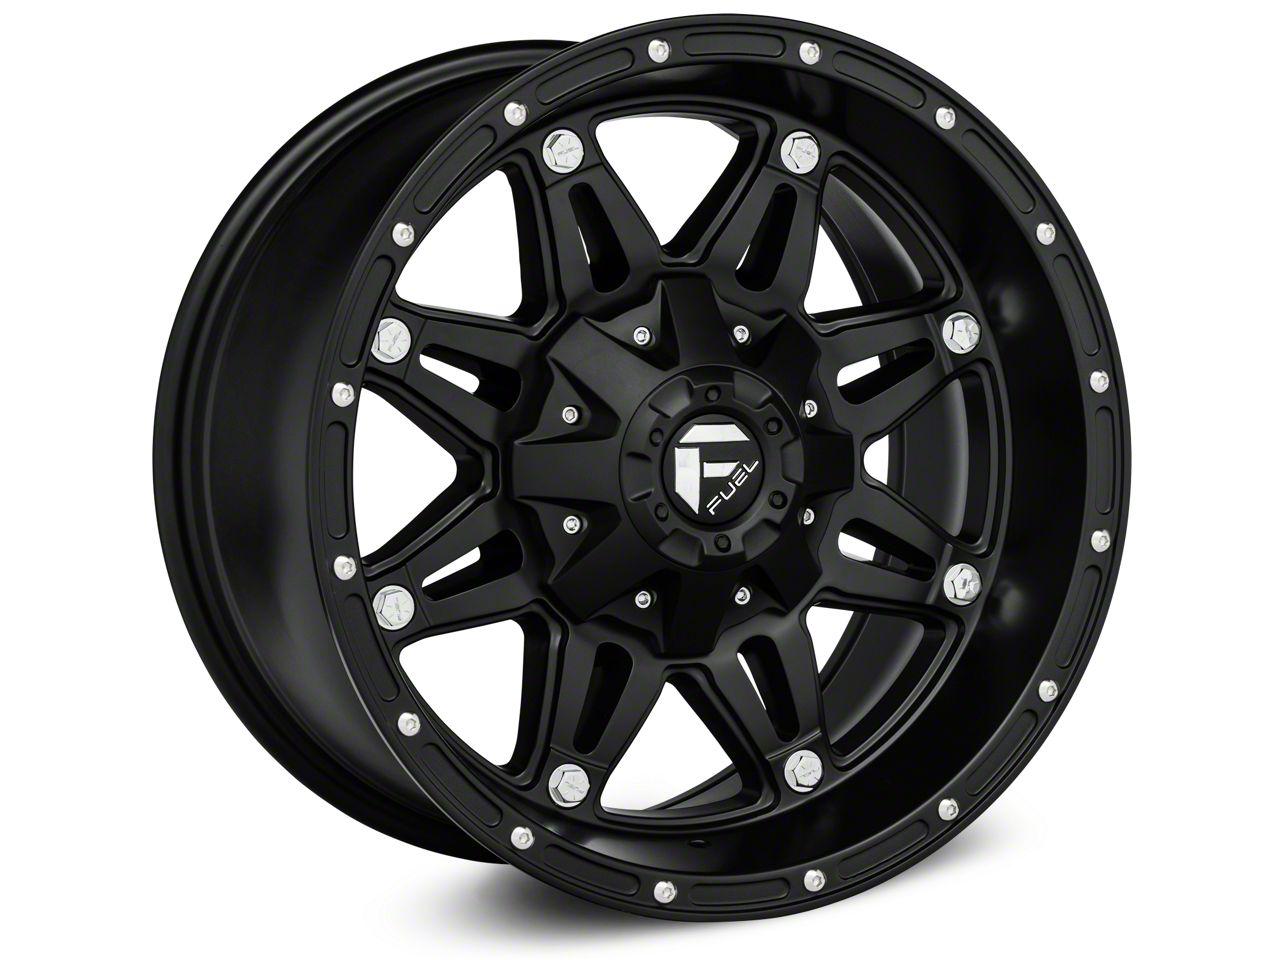 Fuel Wheels Hostage Matte Black Wheel - 17x8.5 (18-19 Jeep Wrangler JL)